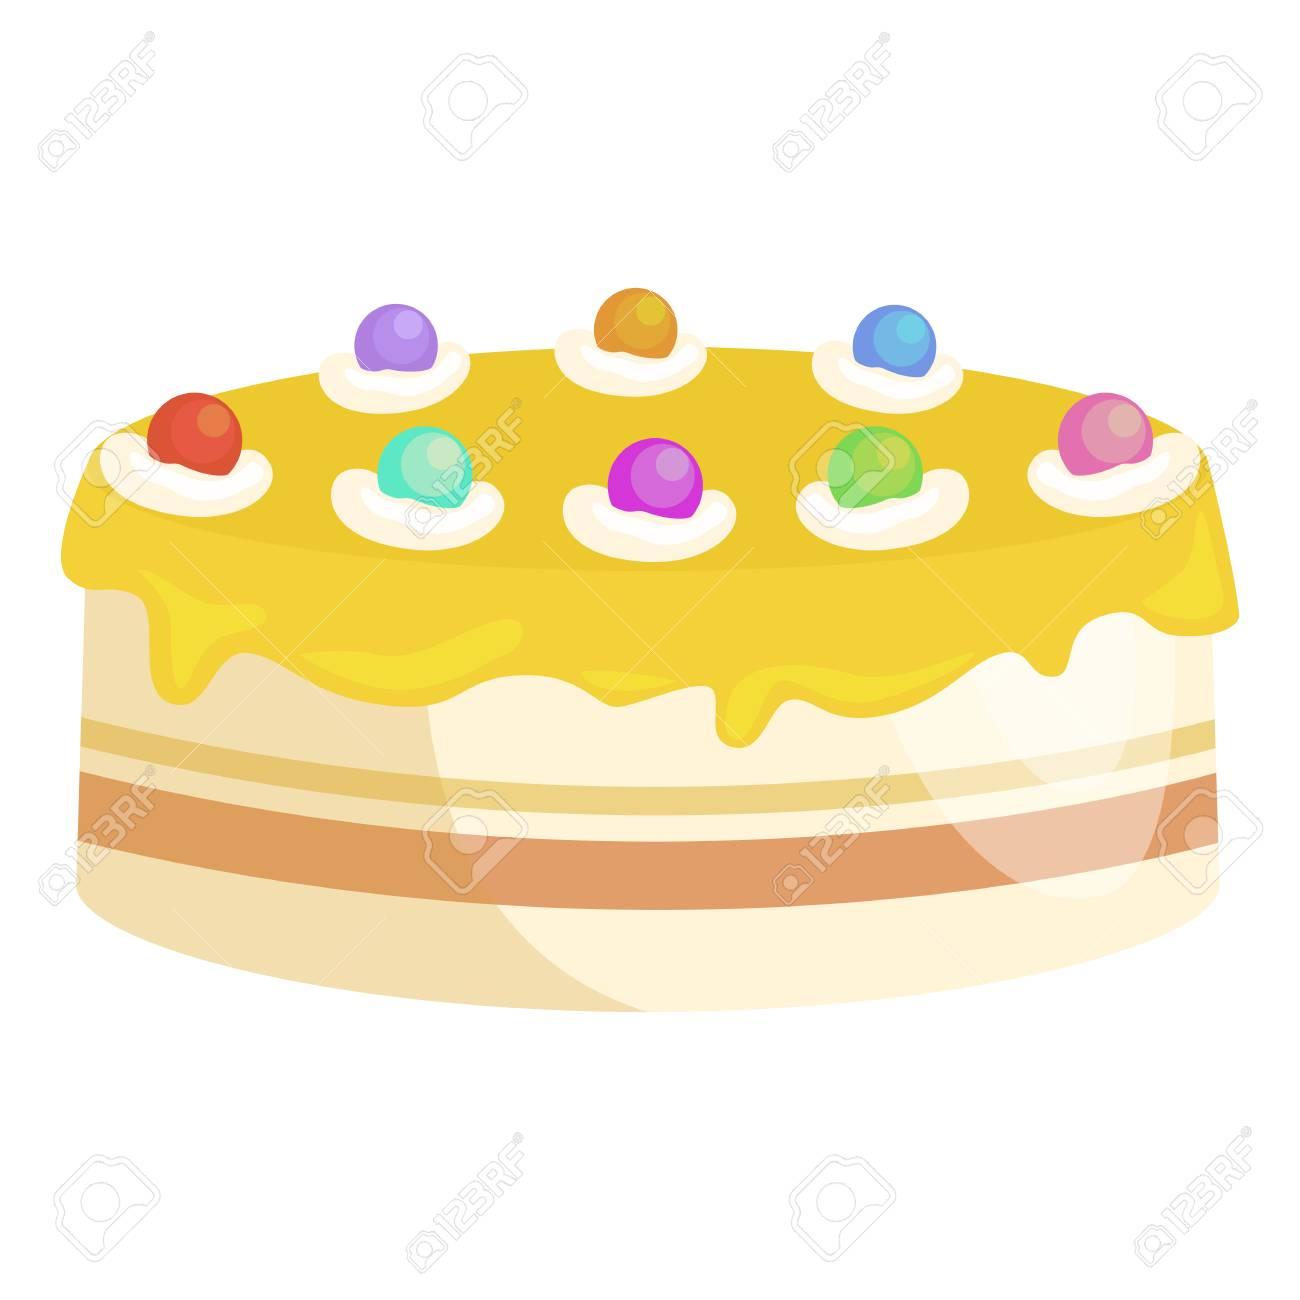 Sussigkeiten Kuchen Mit Verschiedenen Fullungen Schokoladendessert